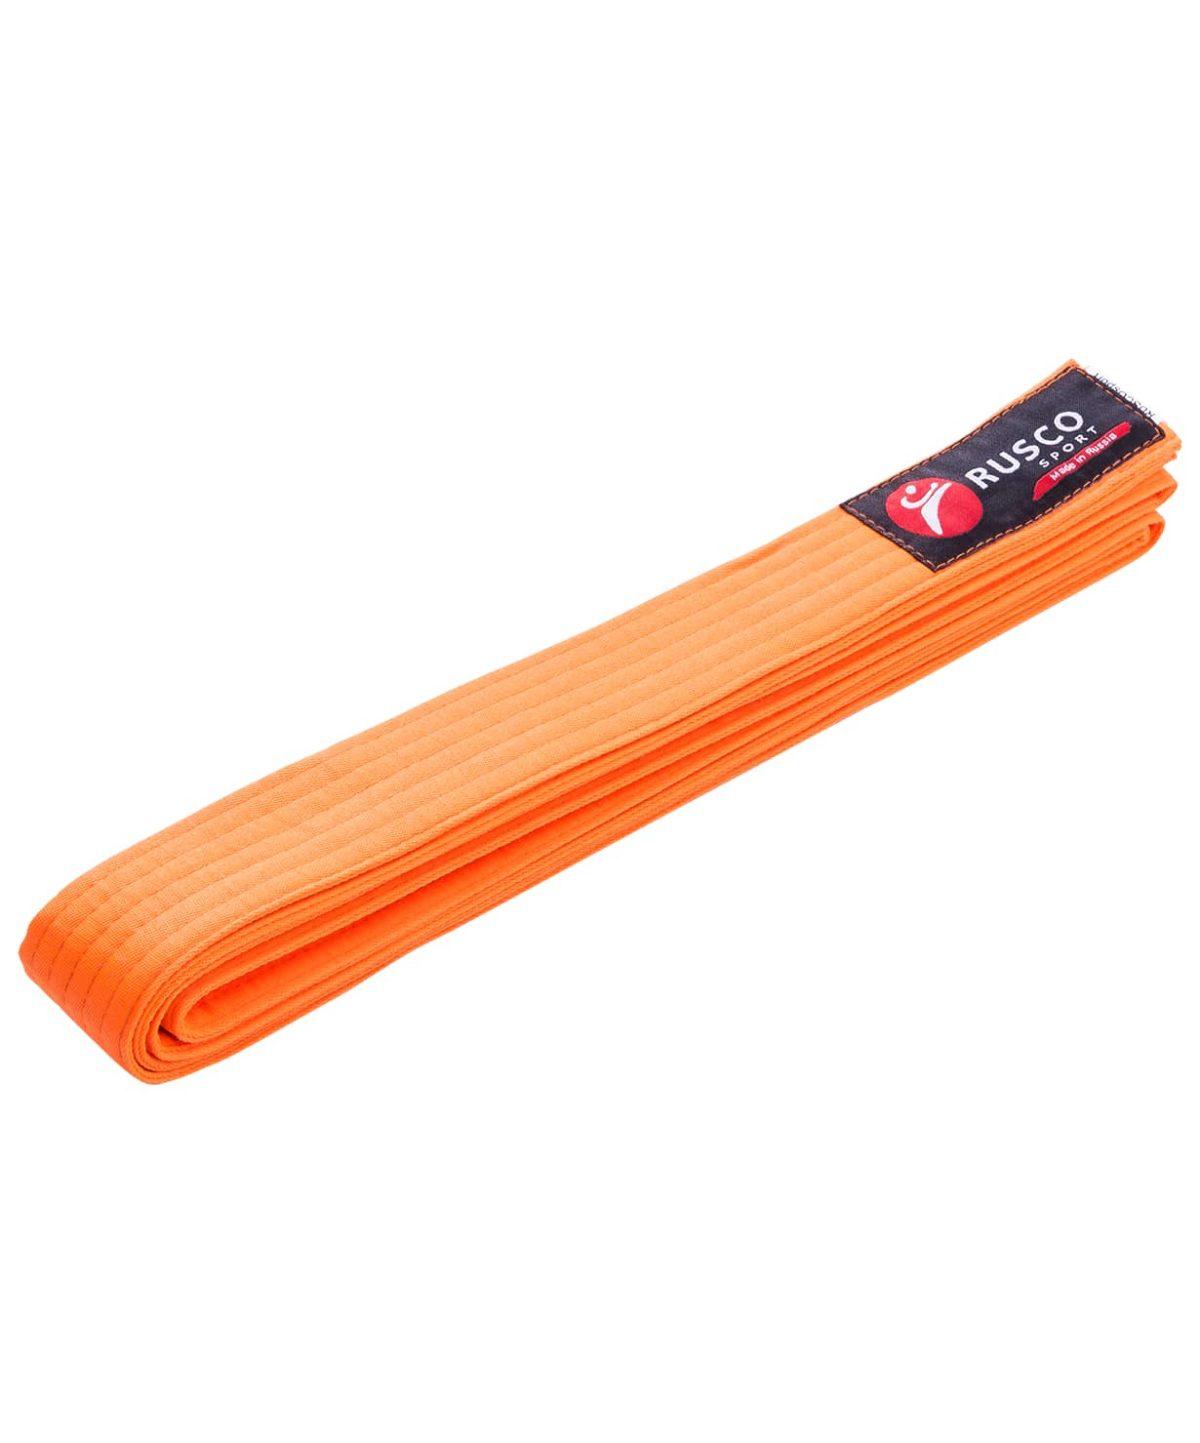 RUSCO Пояс для единоборств  10489: оранжевый - 1